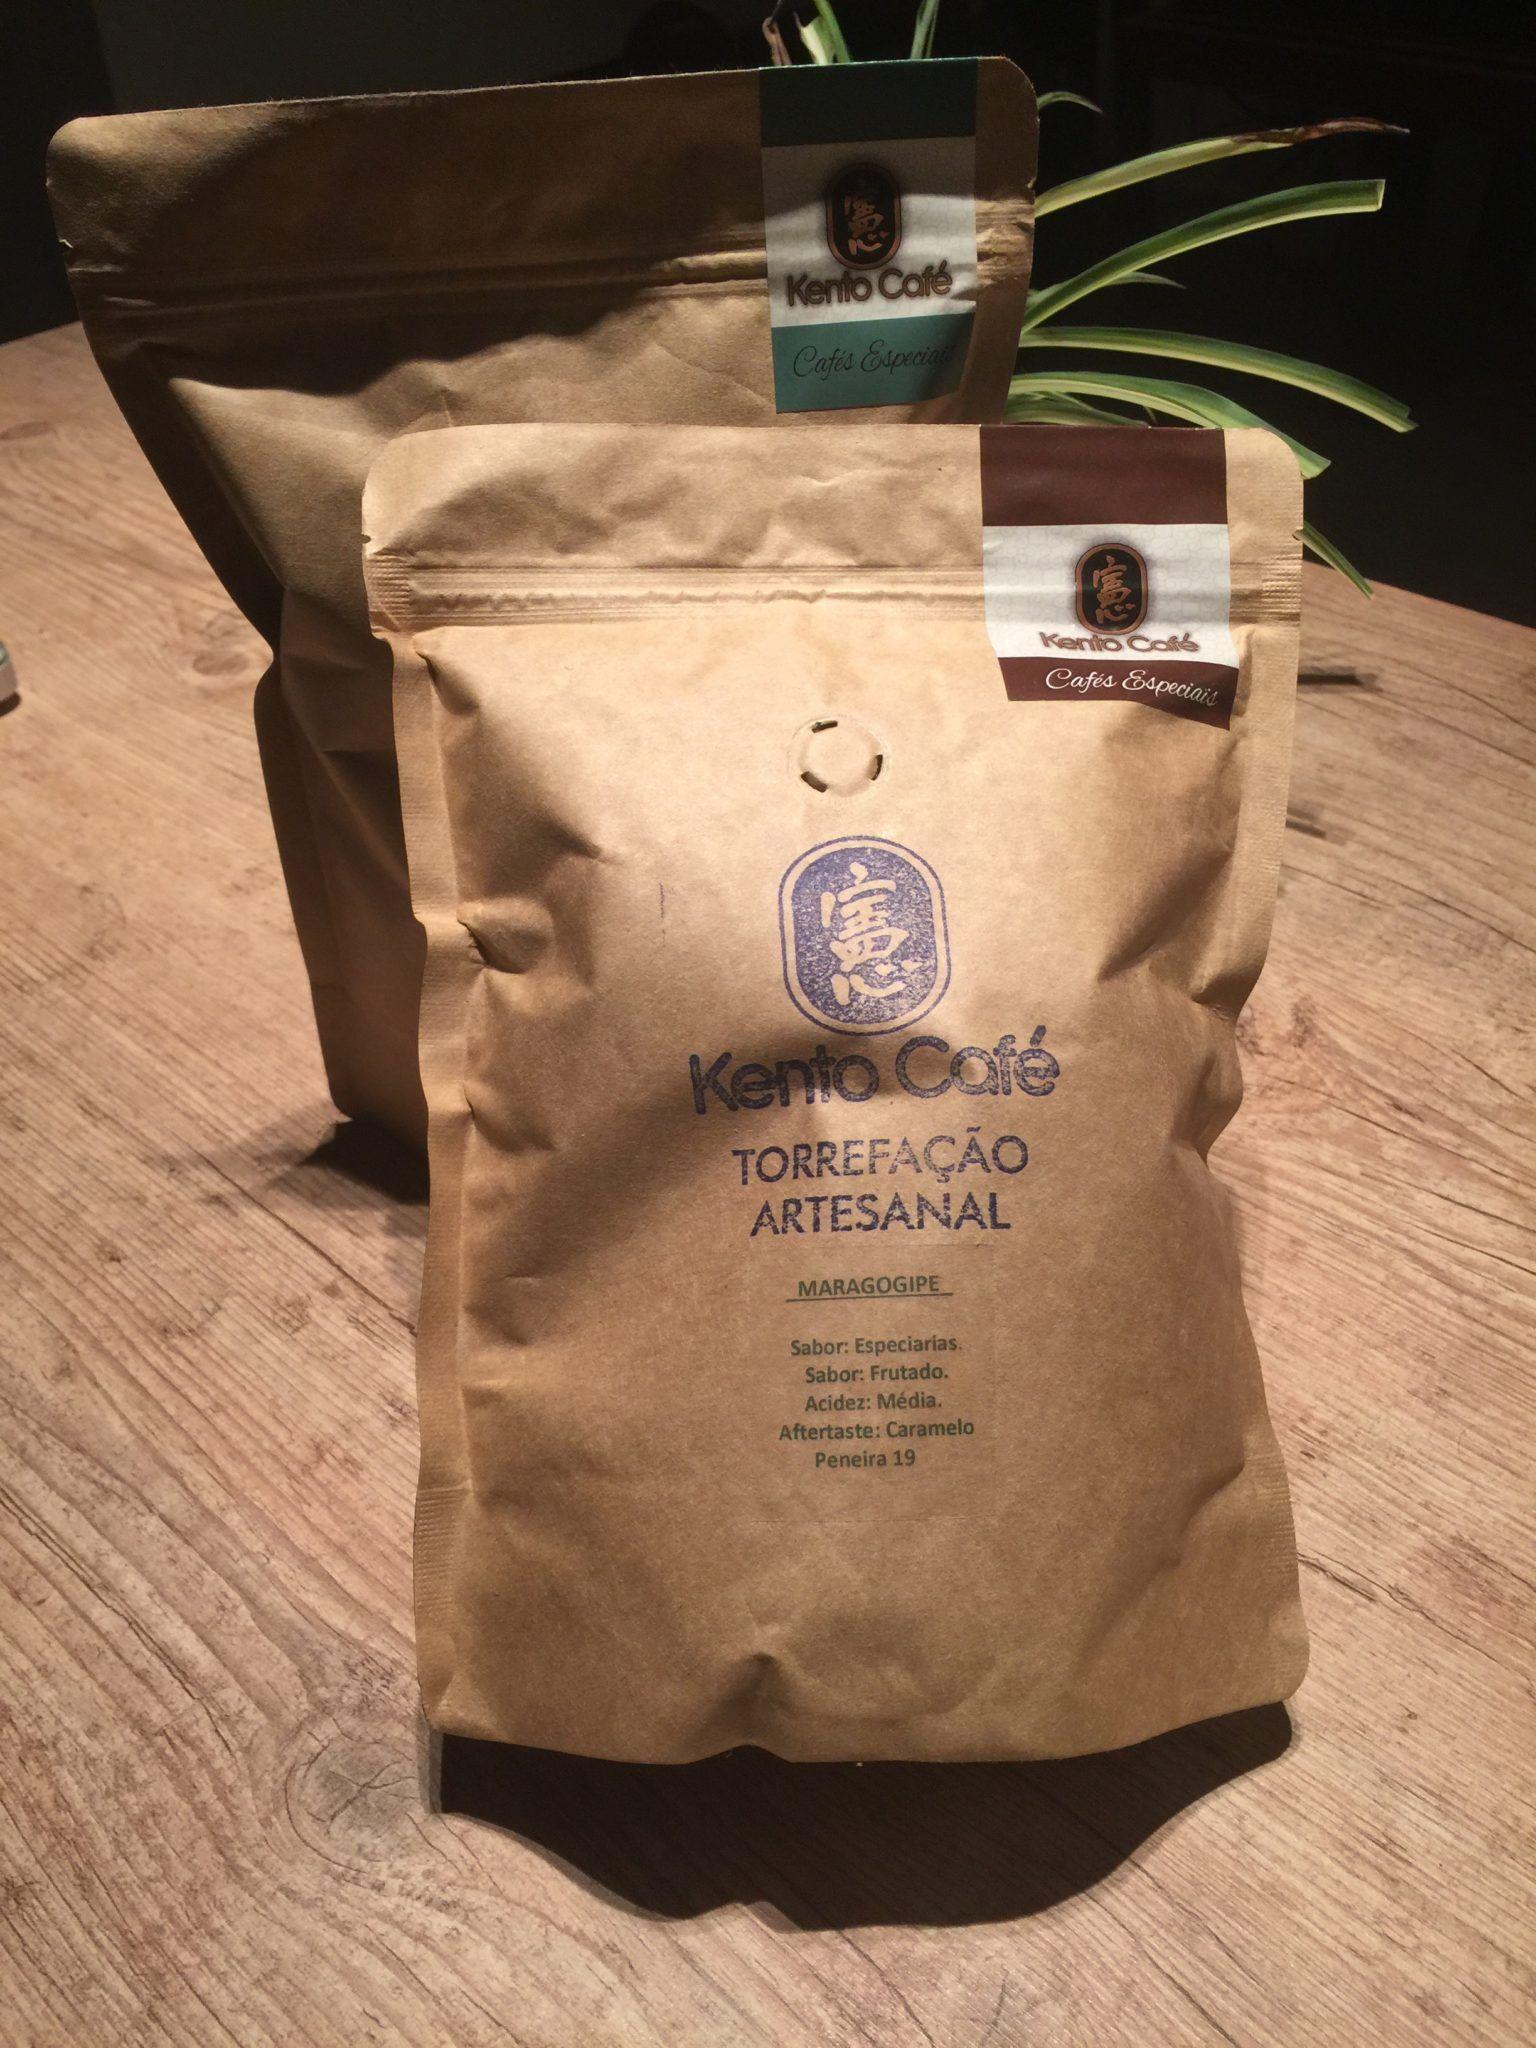 Degustamos o #Maragogipe e o #Obata da #KentoCafe. Descubra estes #blends. #cafe #espresso #coado #cerradoMineiro #bragancaPaulista